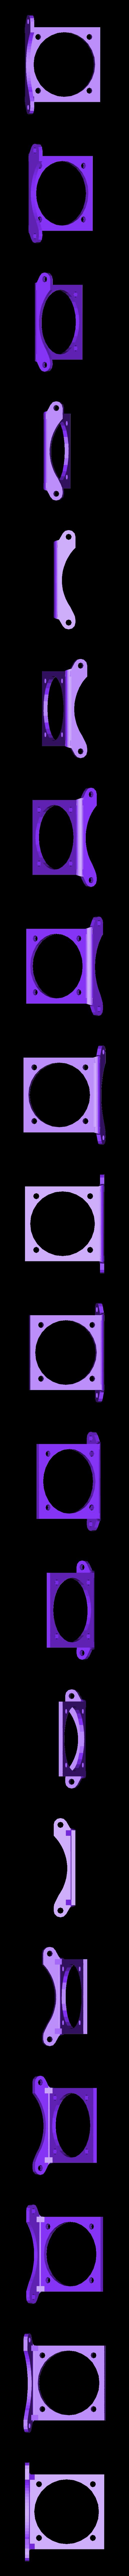 40mm_Fan_mount.stl Download free STL file 50mm Printrbot Fan Mount • 3D printing design, Balkhnarb